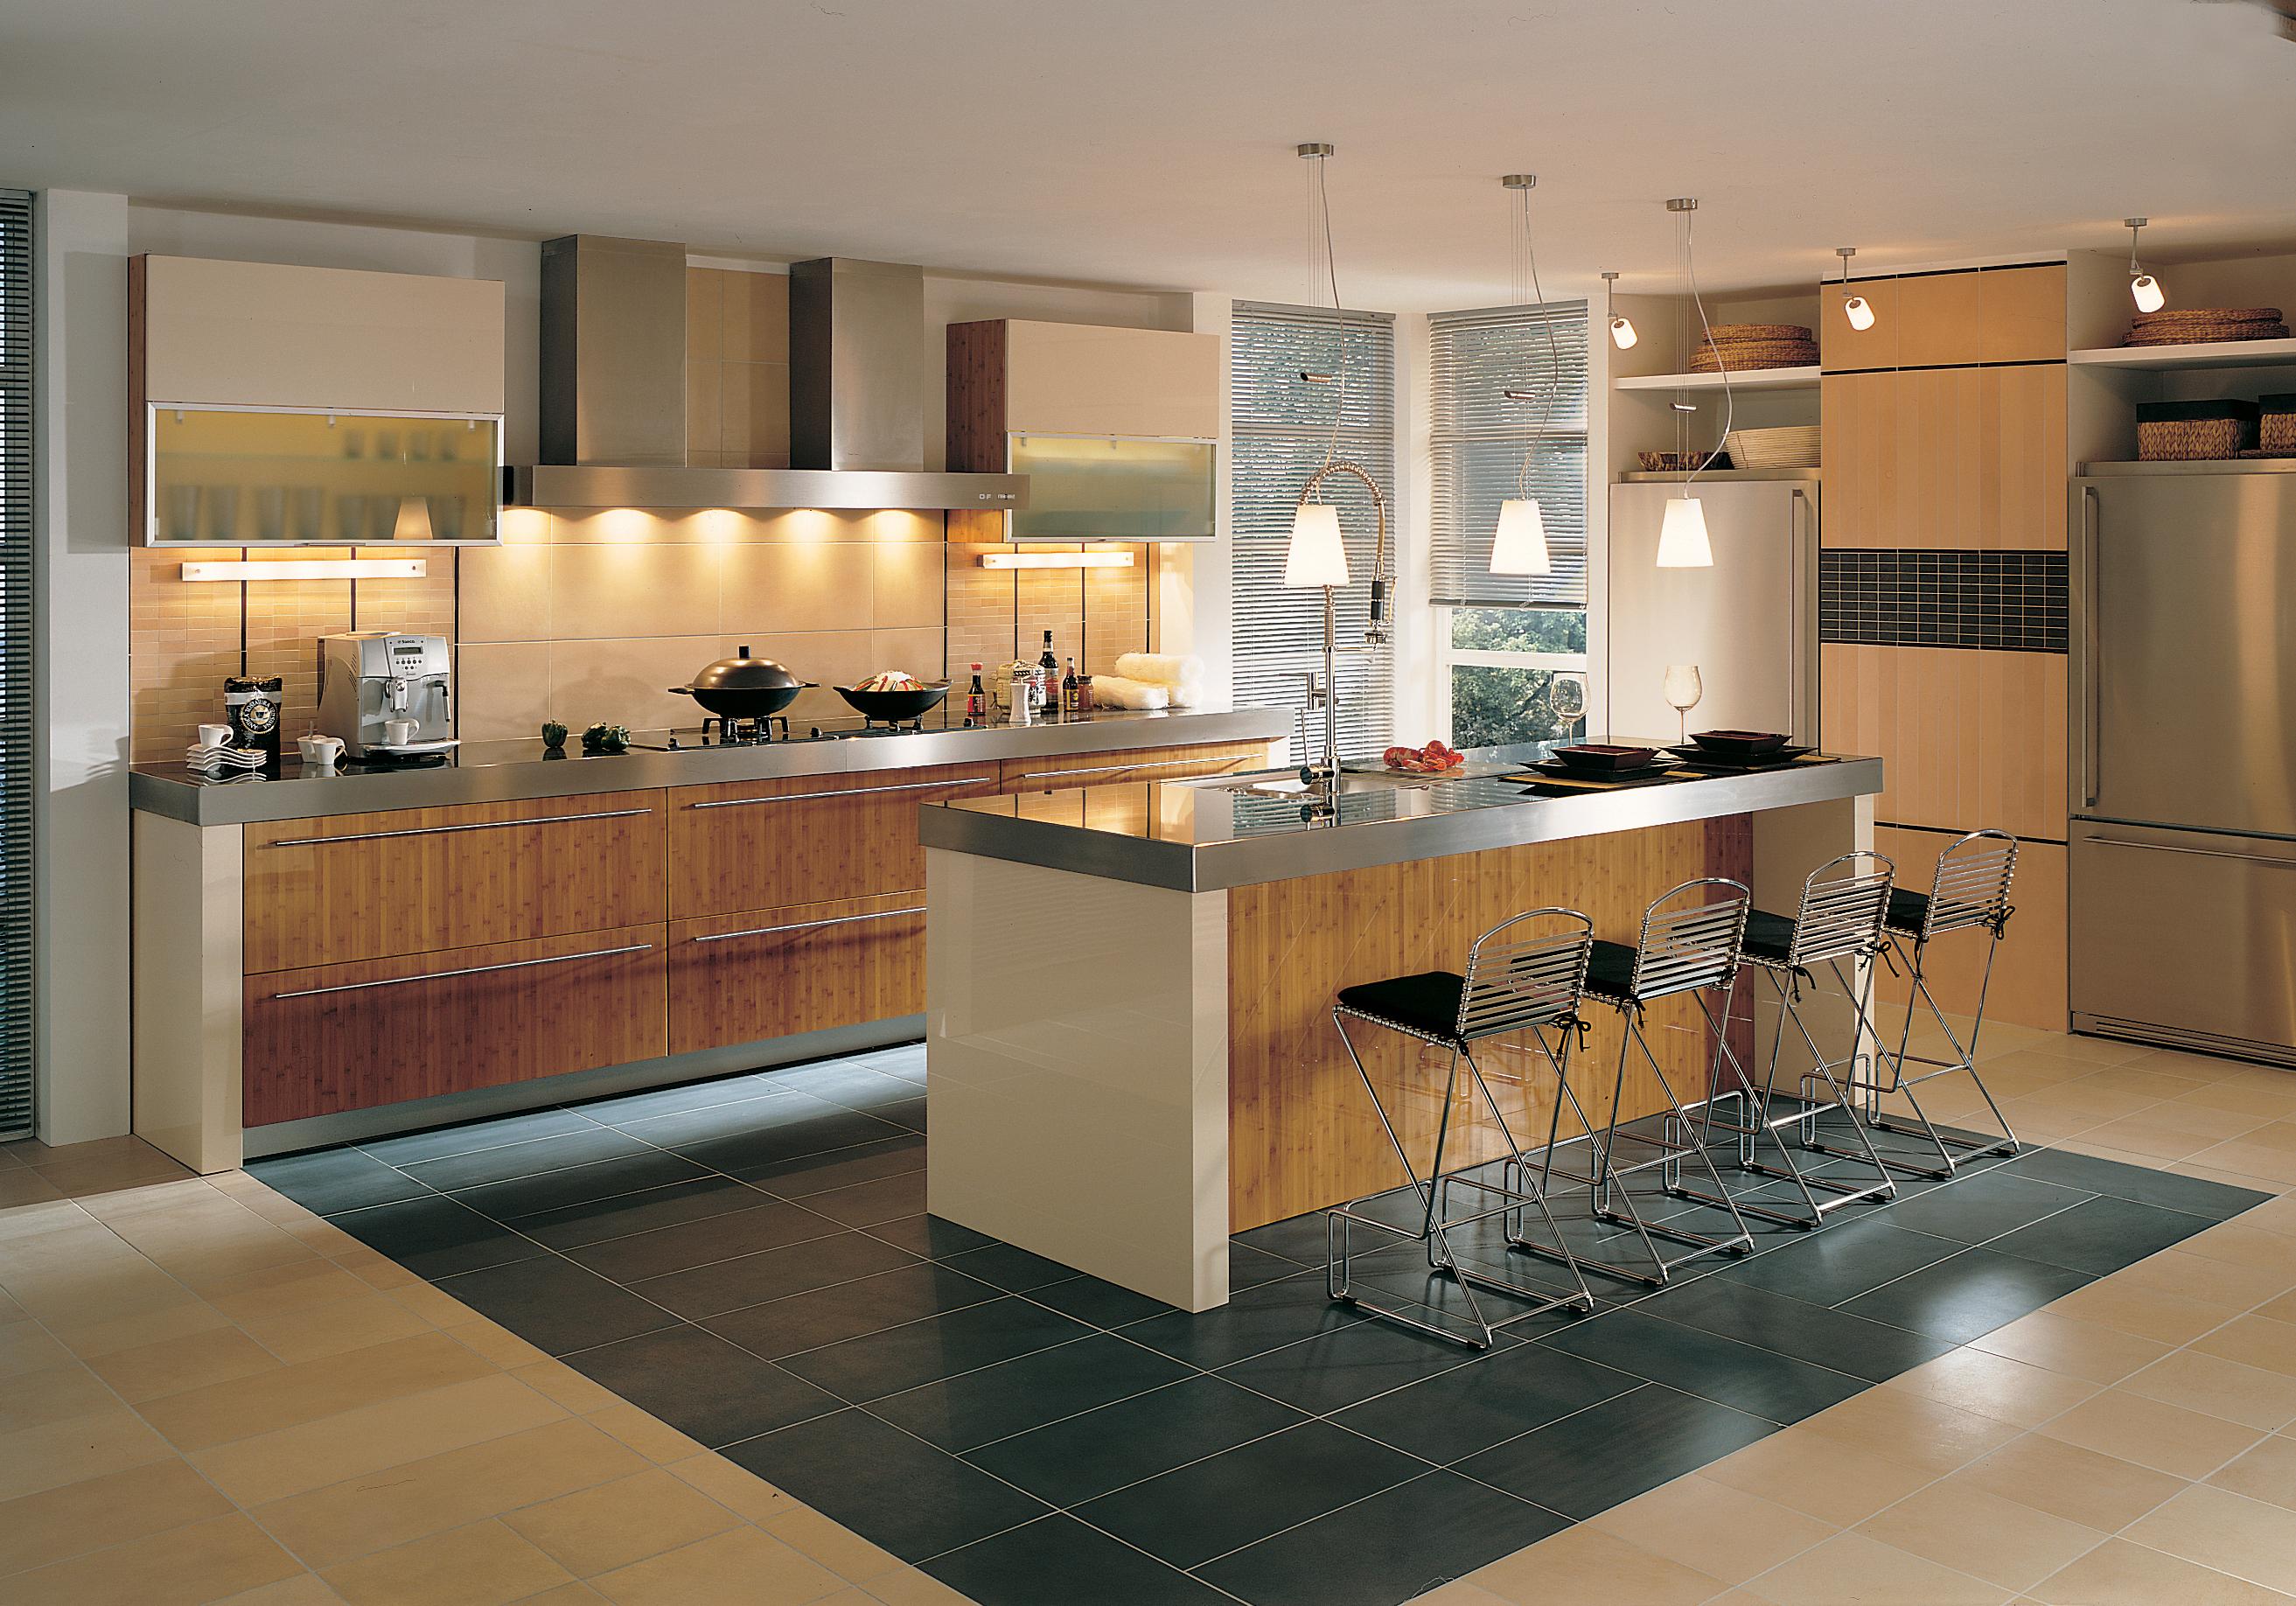 Beleuchtungsrezepte für die Küche: licht.de